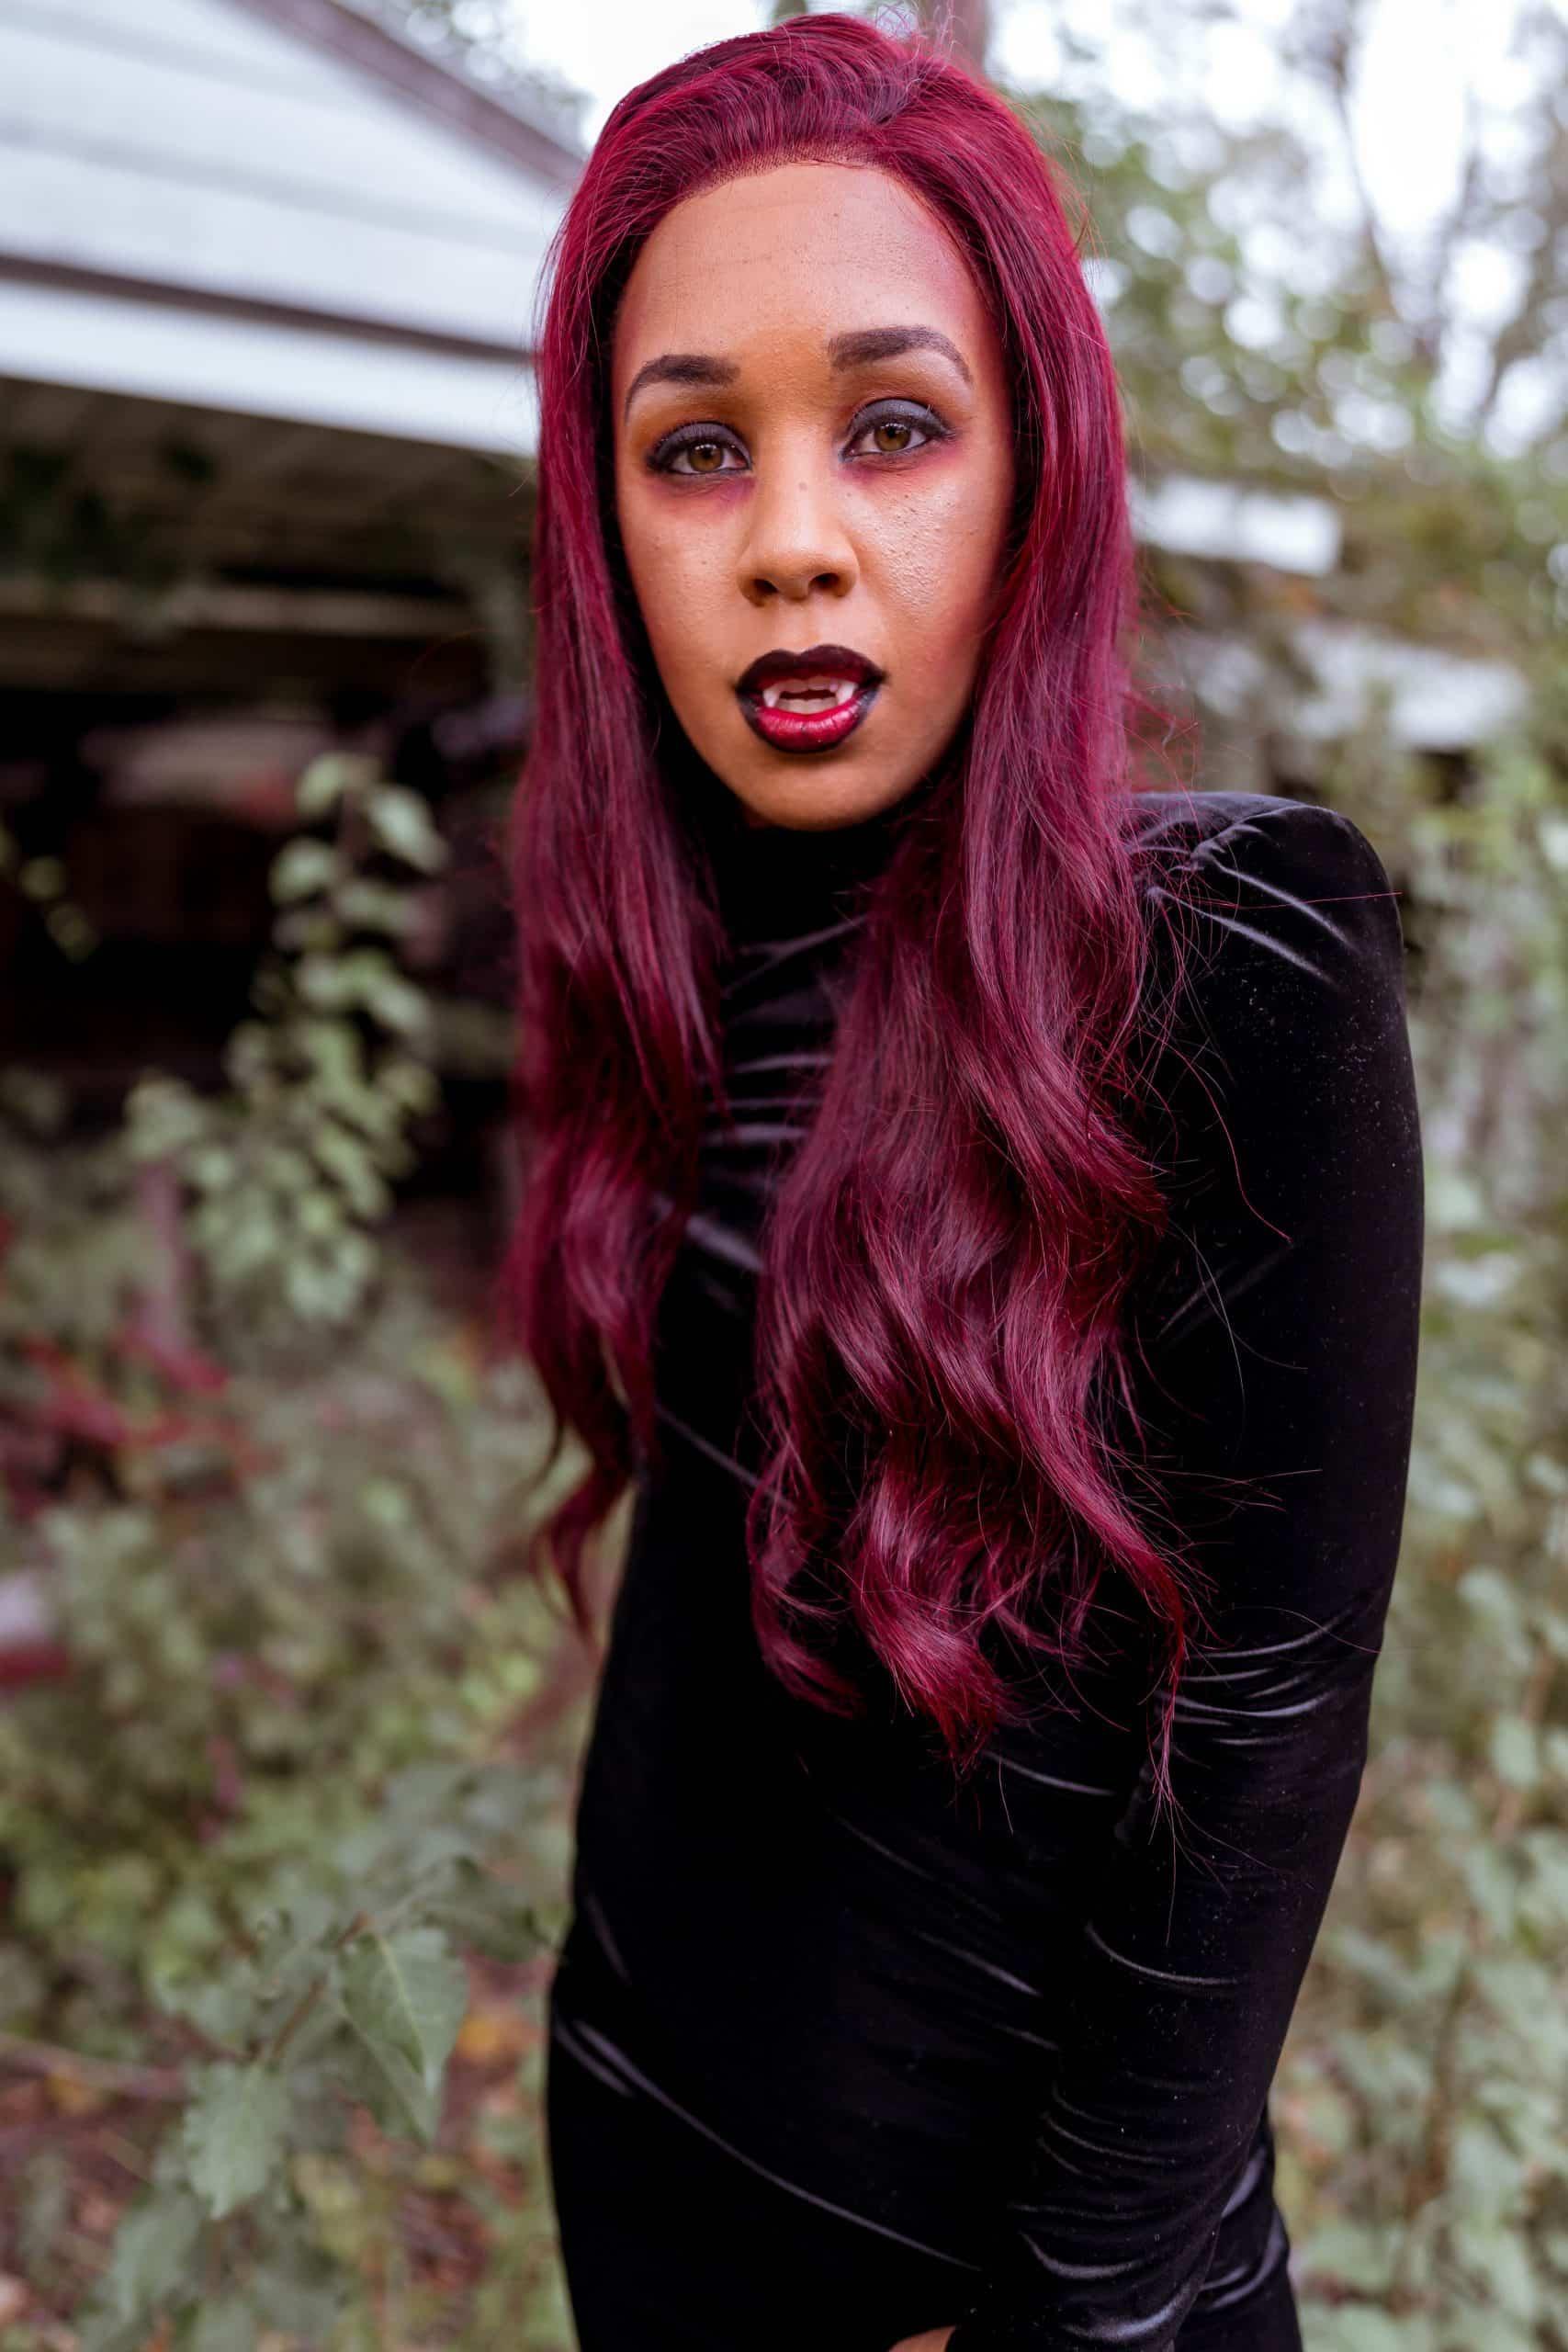 livinglesh dark skin vampire costume